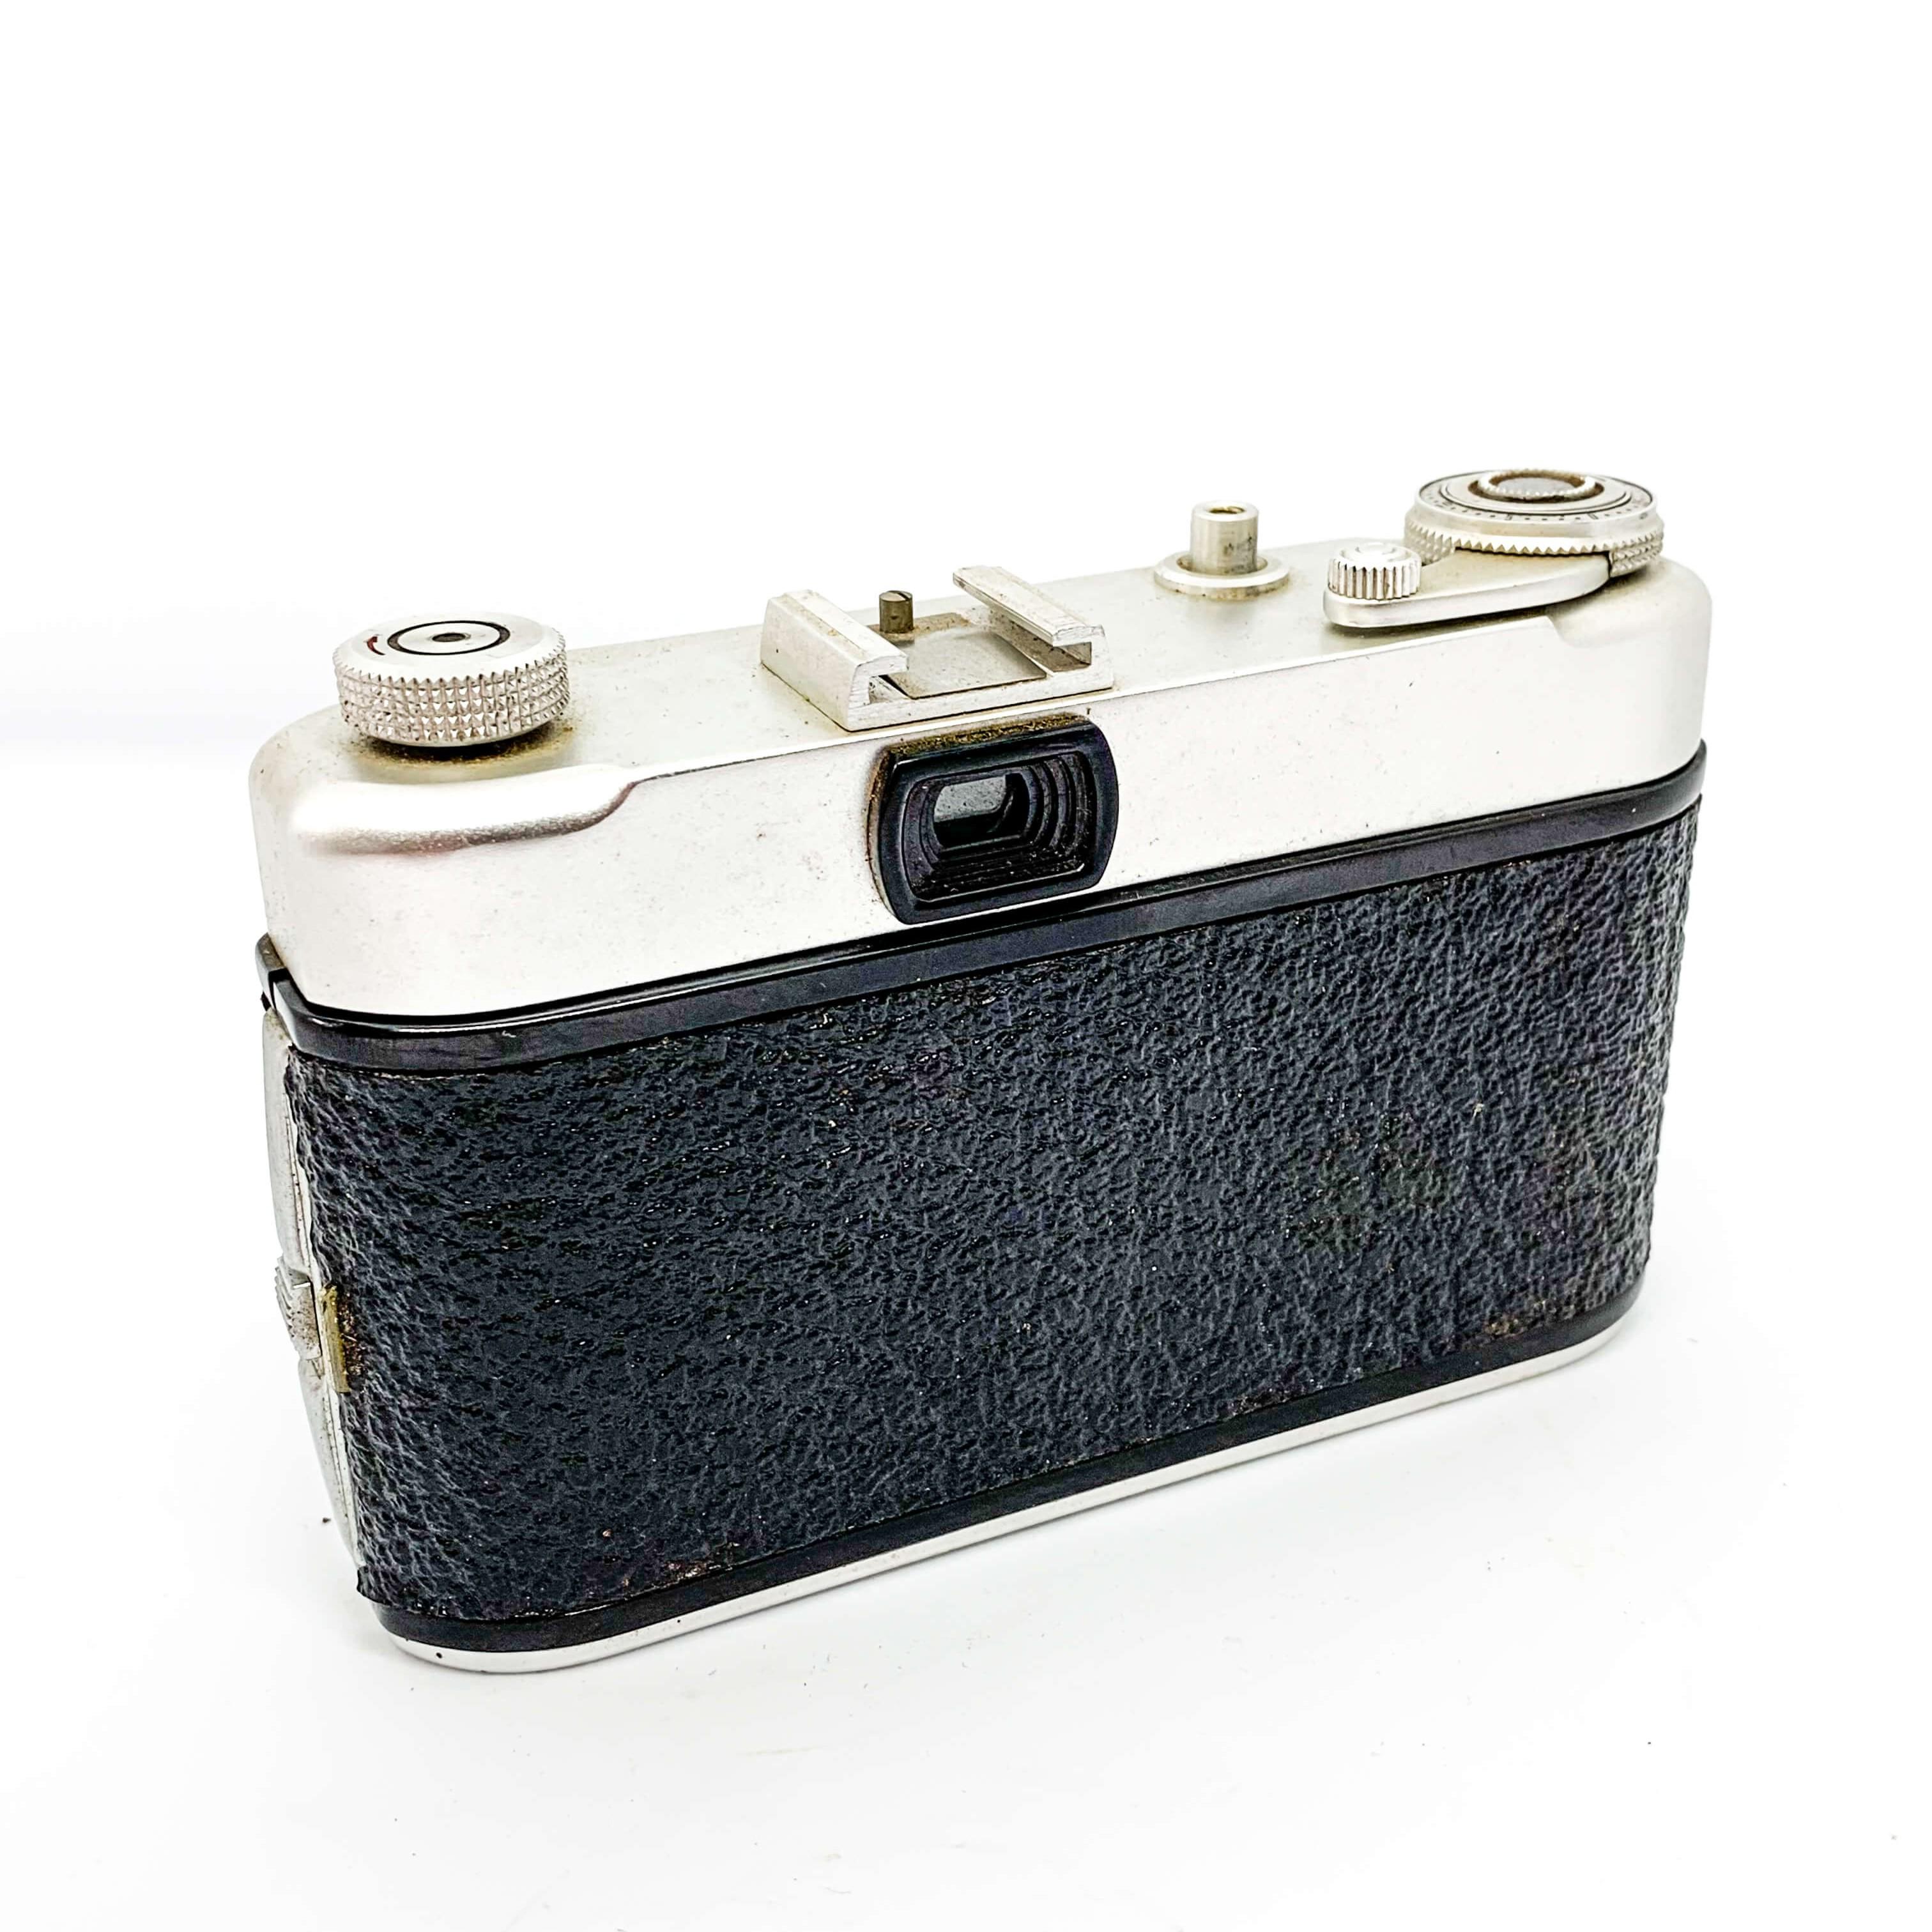 Mastra V35 Film Camera on white background